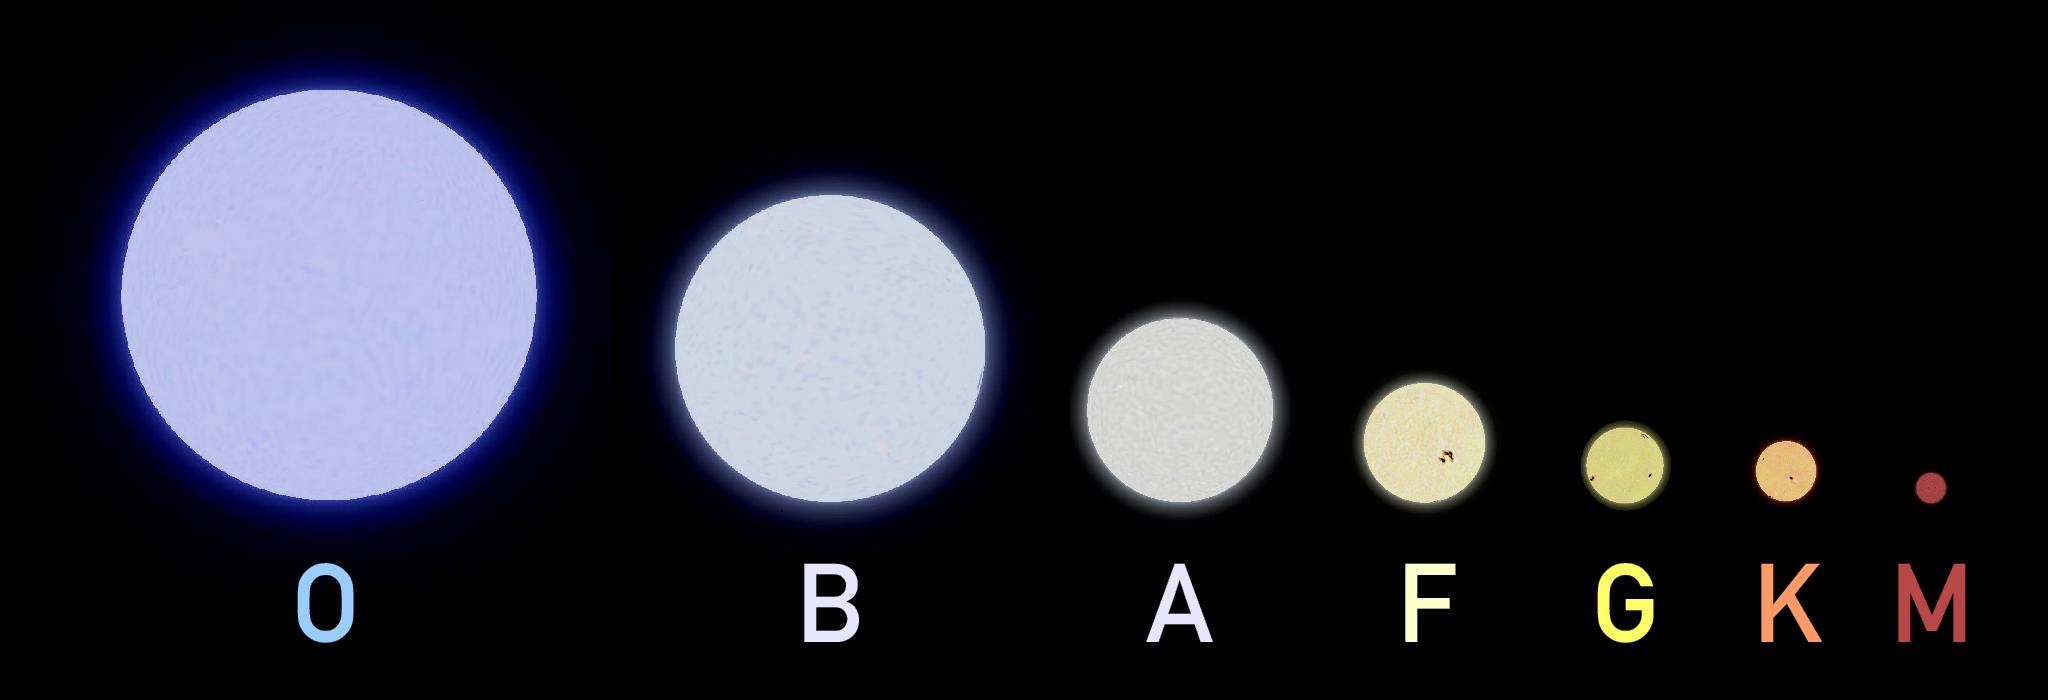 extraterrestrisches Leben - Seite 3 Dwarf_Stars